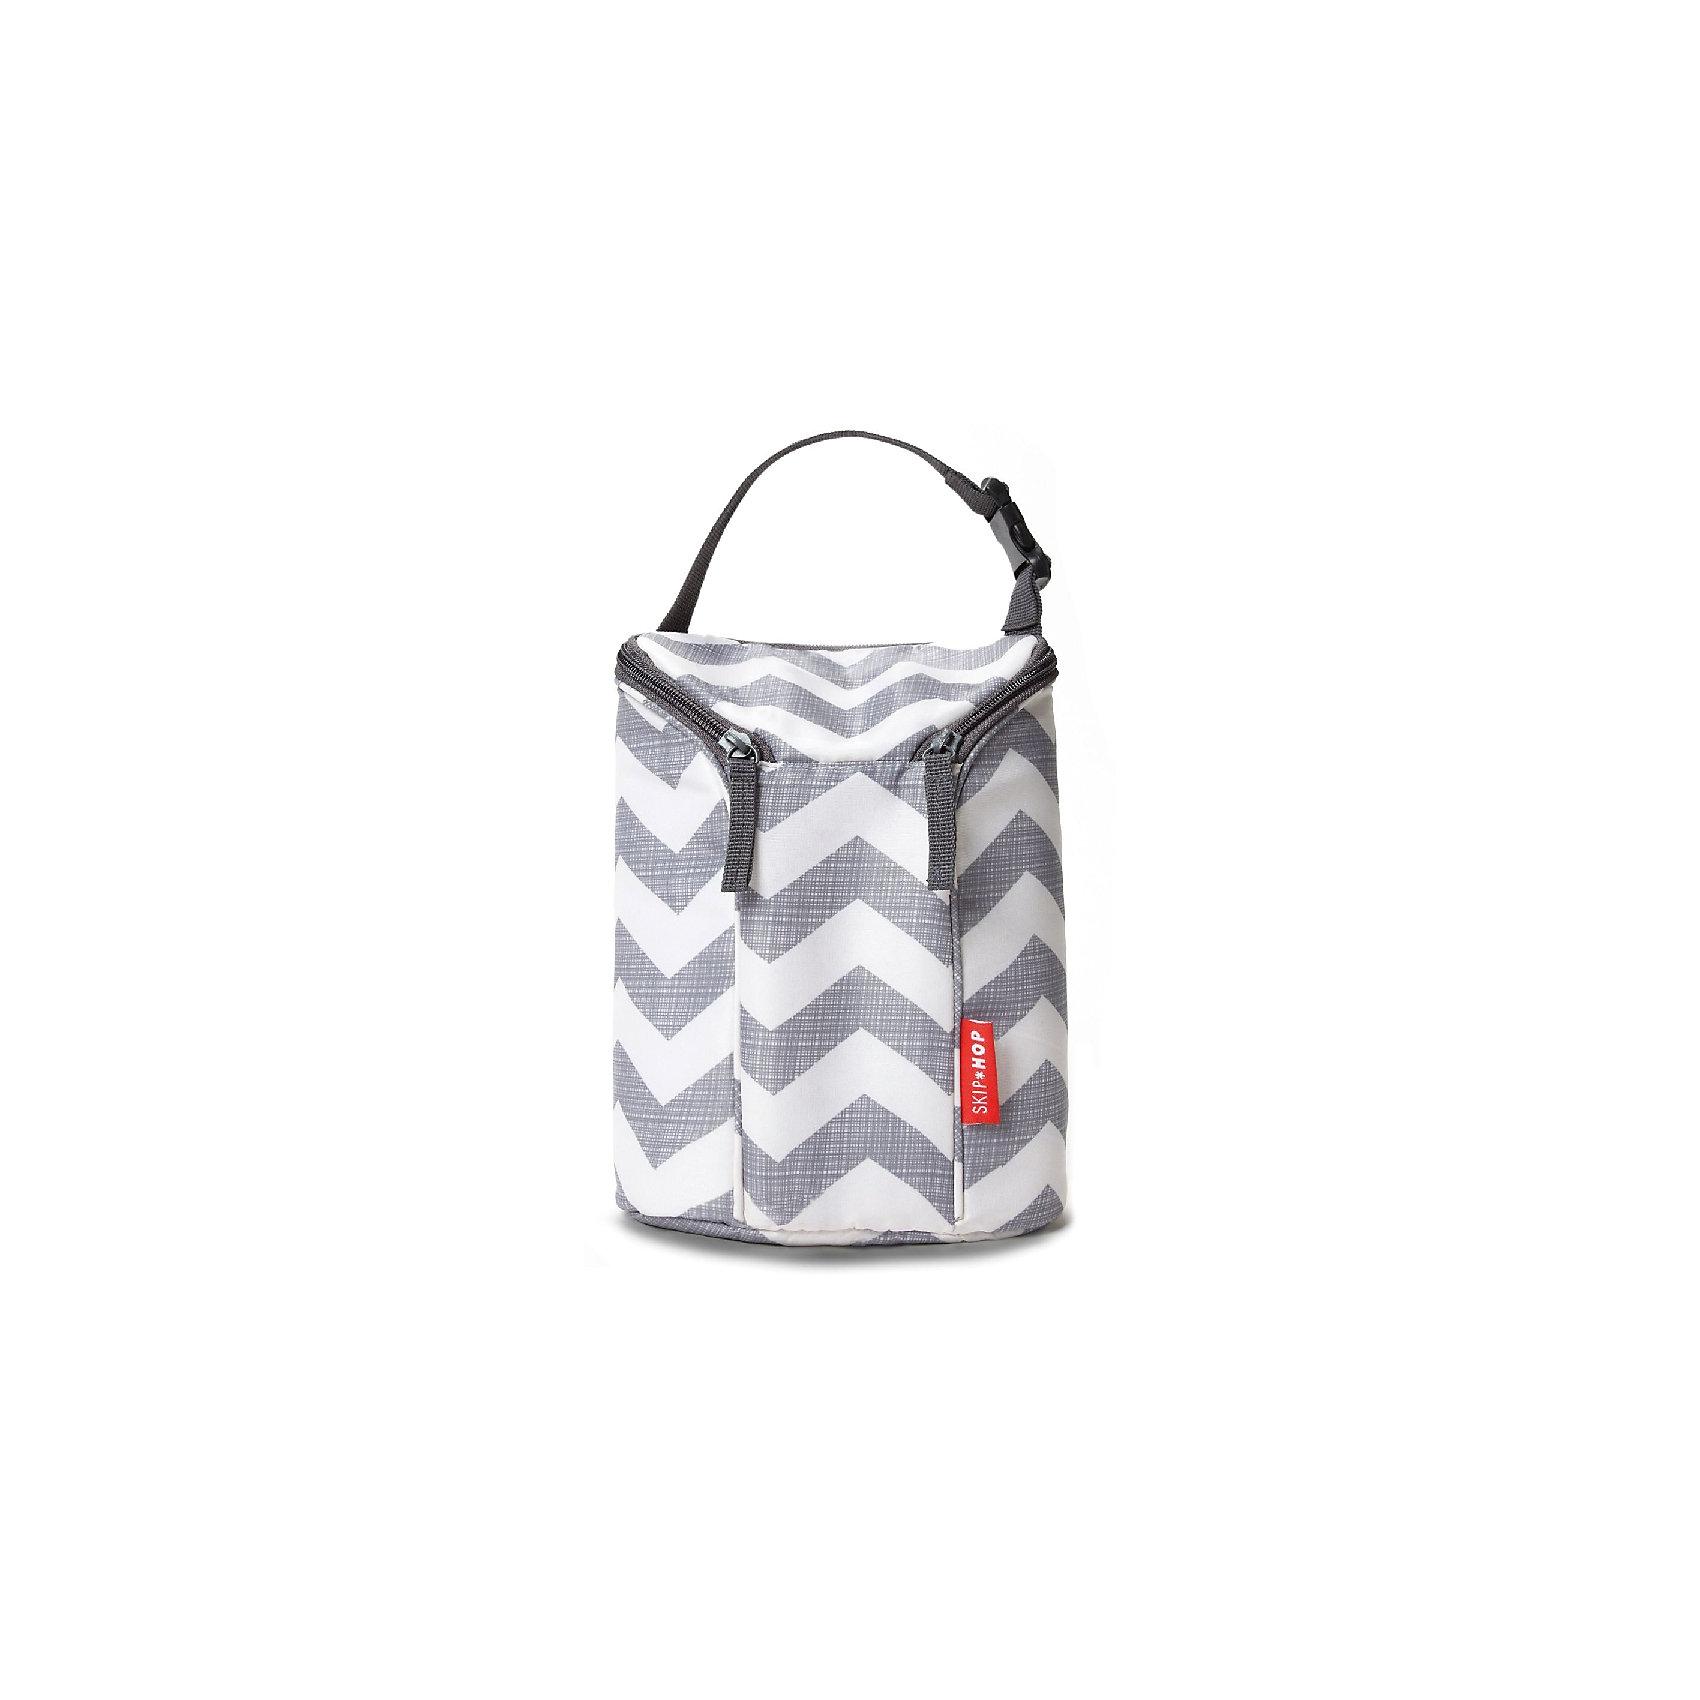 Термо-сумка для бутылочек, Skip HopТермосумки и термосы<br>Характеристики товара:<br><br>• материал: текстиль;<br>• в комплекте: сумка, охлаждающий пакет;<br>• 2 молнии обеспечивают лёгкий и быстрый доступ к бутылочкам<br>• крепление к коляске<br>• вмещает 2 большие бутылочки<br>• регулируемый ремешок<br>• размер сумки 23х17х9 см;<br>• размер упаковки 28х17х9 см;<br>• вес упаковки 140 гр.;<br>• страна производитель: Китай.<br><br>Термосумка для бутылочек Skip Hop — необходимый для молодой мамы аксессуар, который позволит взять на прогулку с малышом бутылочки для кормления и сохранить их теплыми или холодными. Благодаря специальной термо-подкладке внутри сохраняется тепло или холод. Регулируемый ремешок позволяет переносить сумку в руках или вешать на коляску или велосипед. Застегивается сумка на молнию. Изготовлена из износостойкого качественного материала. <br><br>Термосумку для бутылочек Skip Hop можно приобрести в нашем интернет-магазине.<br><br>Ширина мм: 170<br>Глубина мм: 90<br>Высота мм: 280<br>Вес г: 428<br>Возраст от месяцев: 36<br>Возраст до месяцев: 72<br>Пол: Унисекс<br>Возраст: Детский<br>SKU: 5608231